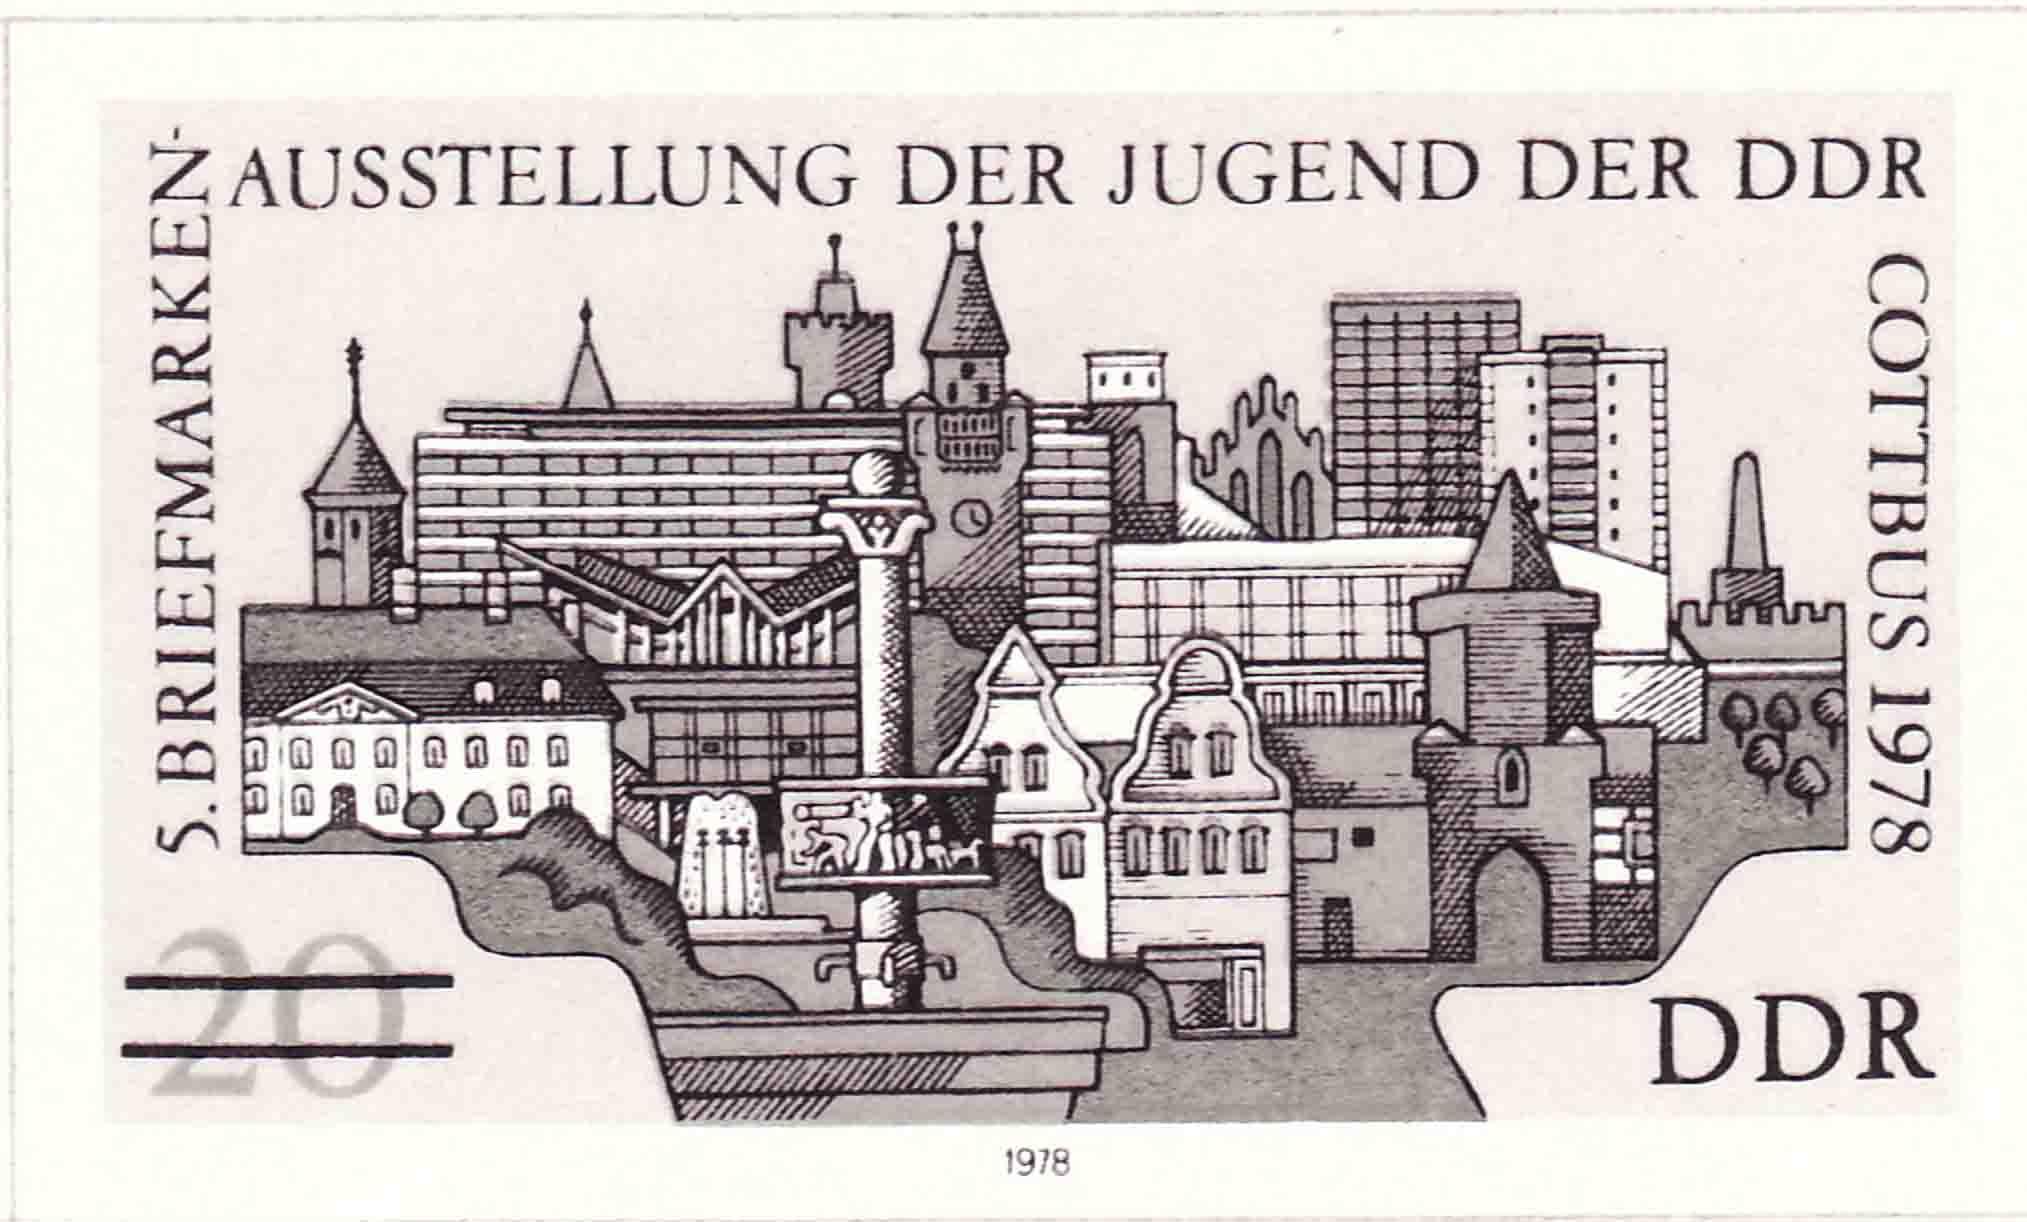 Briefmarken-Austellung der Jugend der DDR Cottbus 1978